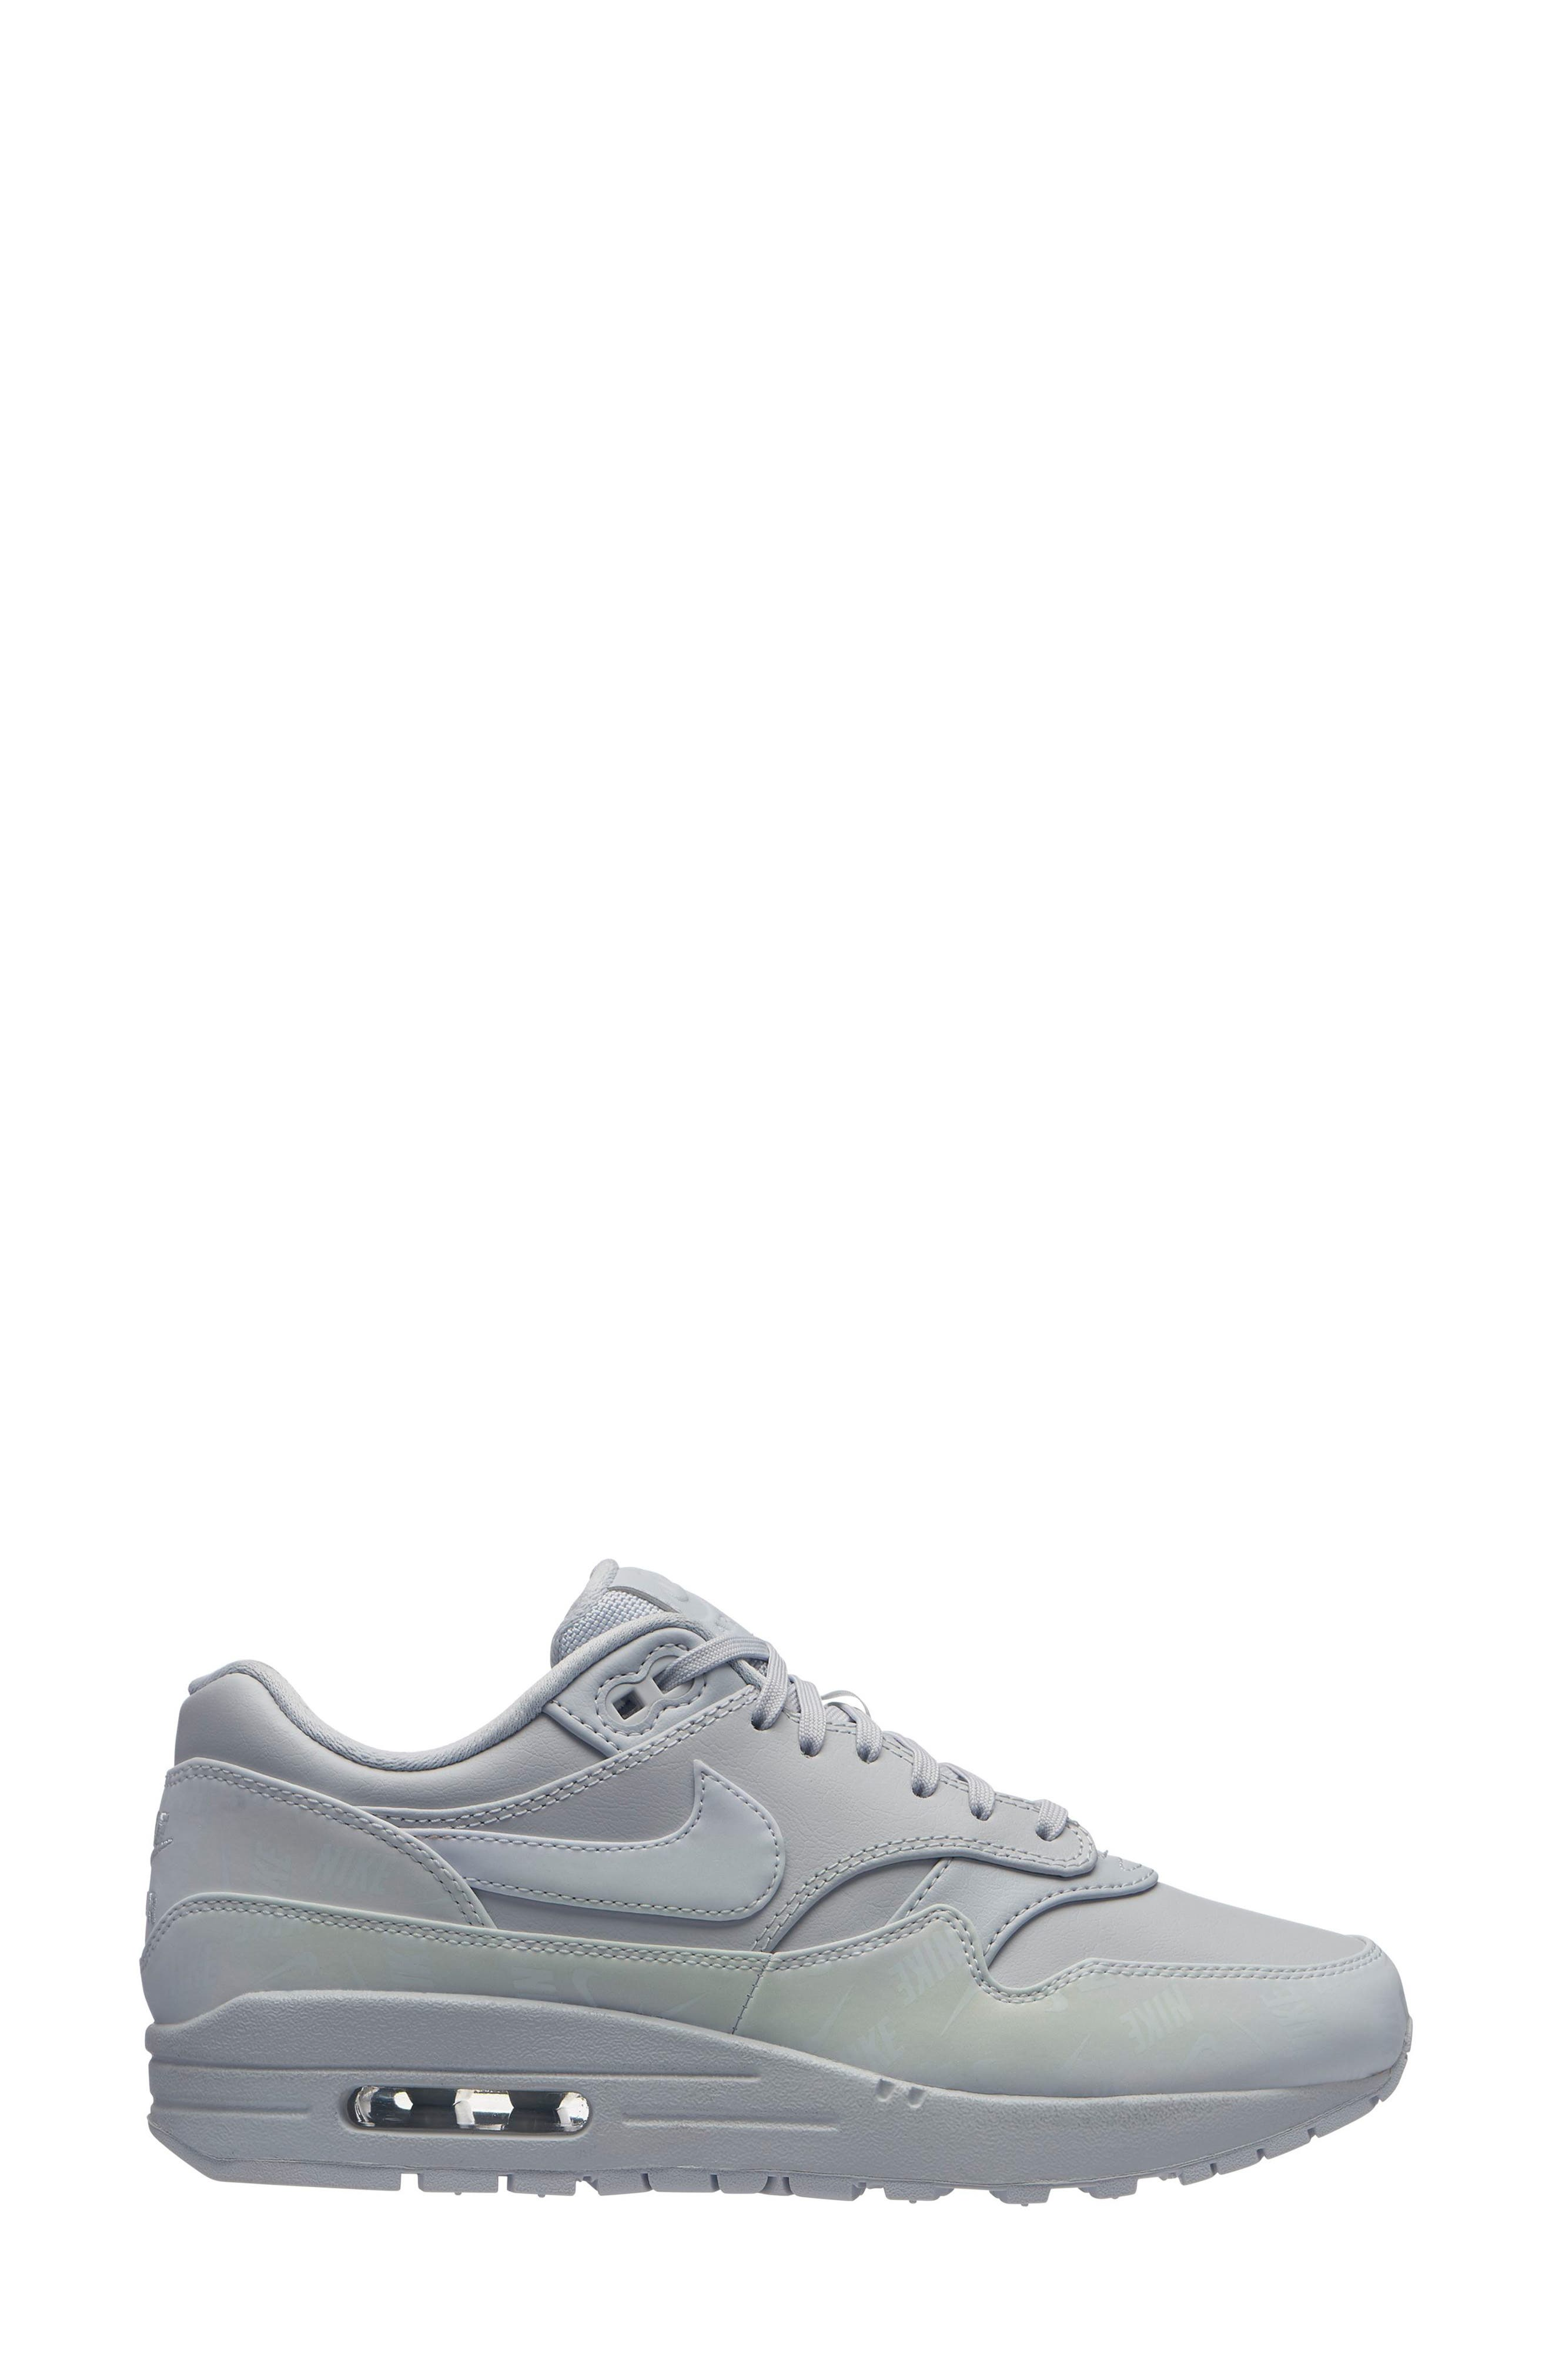 Air Max 1 Lux Sneaker,                         Main,                         color, PURE PLATINUM/ PURE PLATINUM